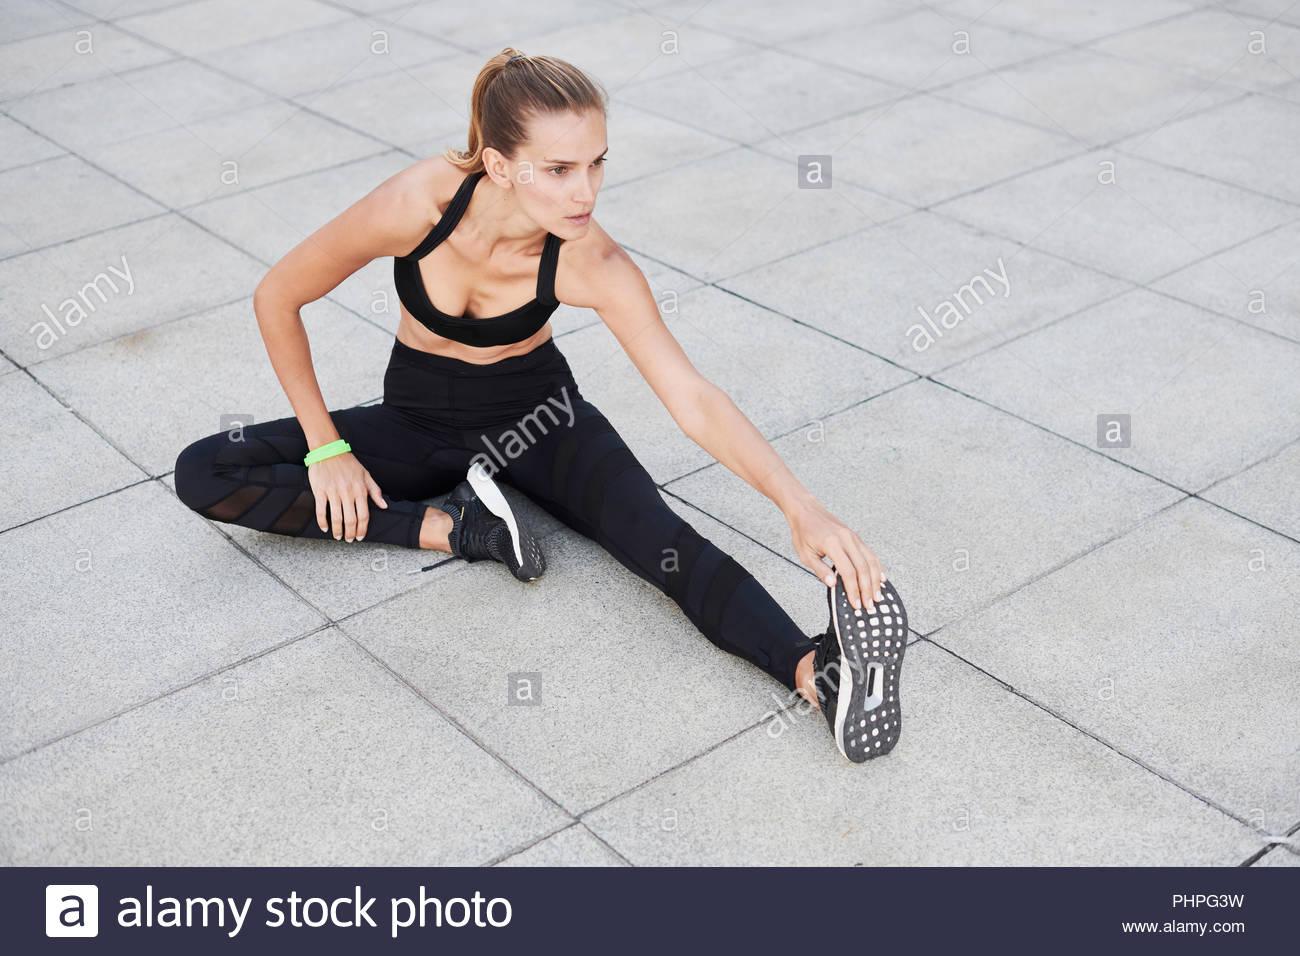 Mujer vistiendo ropa deportiva negra estirando el sendero Foto de stock